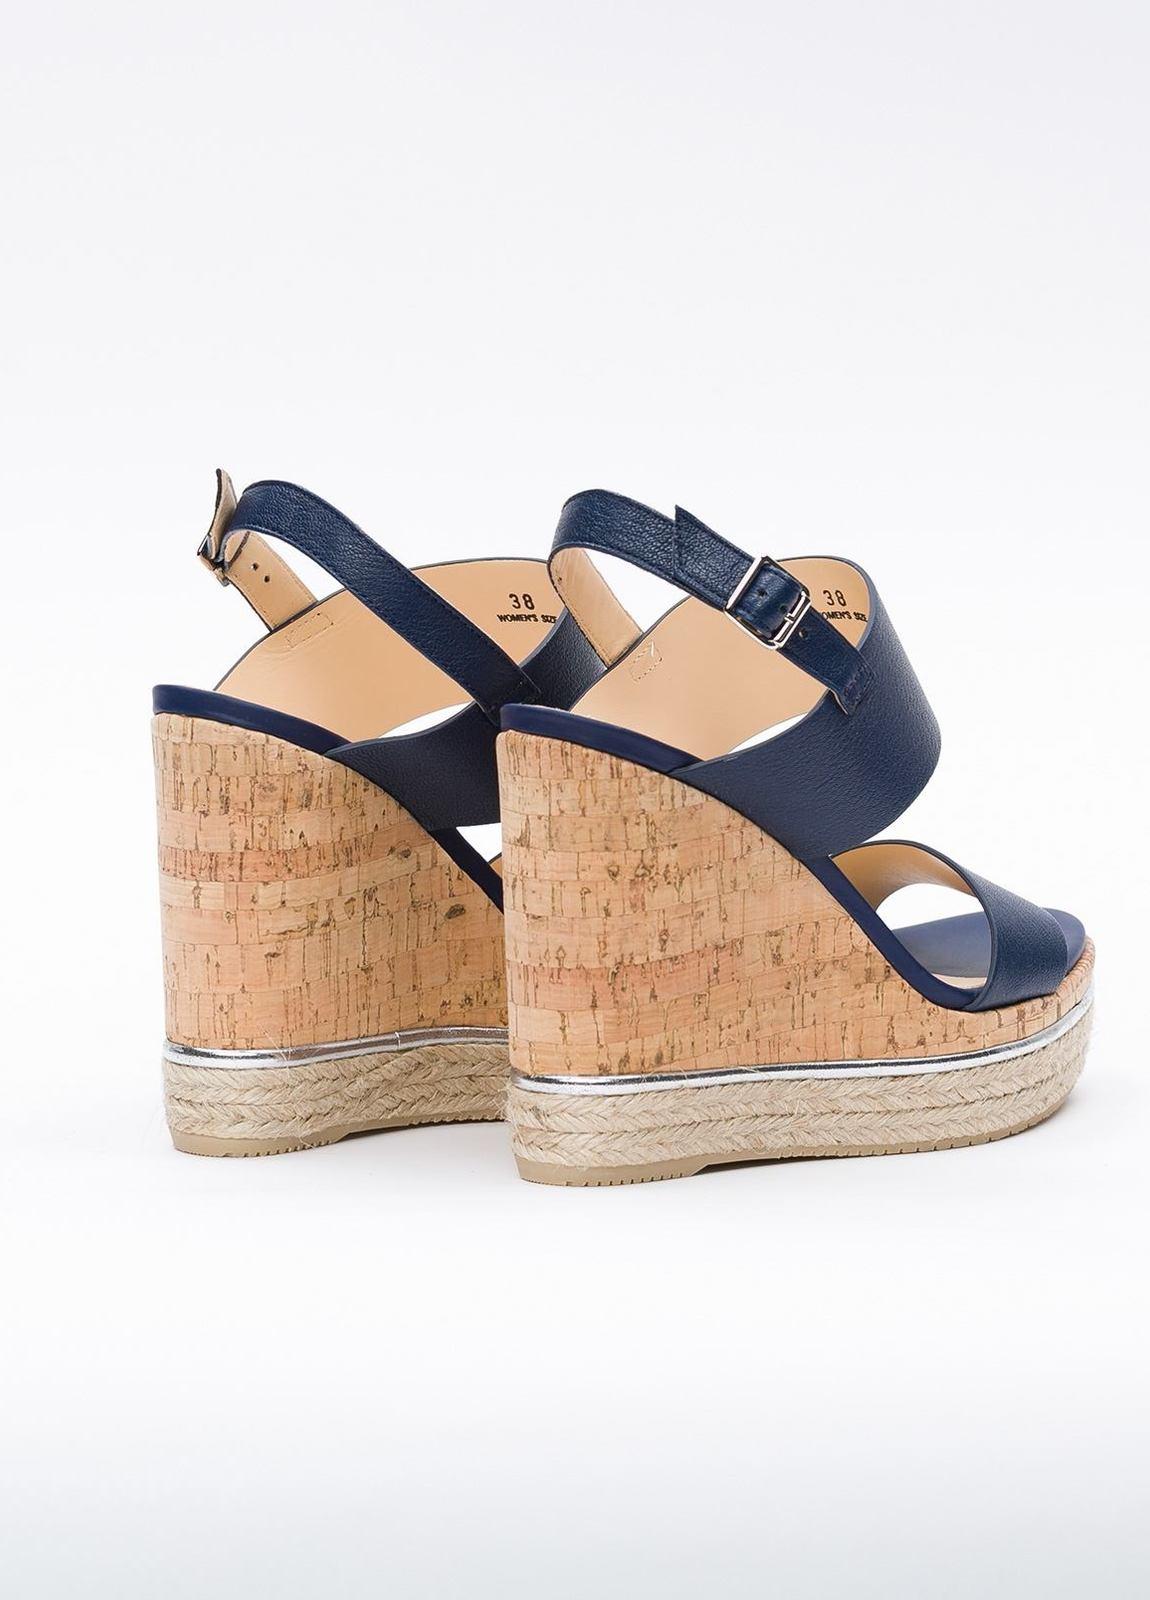 Sandalia en piel con pulsera al tobillo color azul, cuña y plataforma en corcho, detalle de cuerda trenzada y suela de goma. - Ítem2